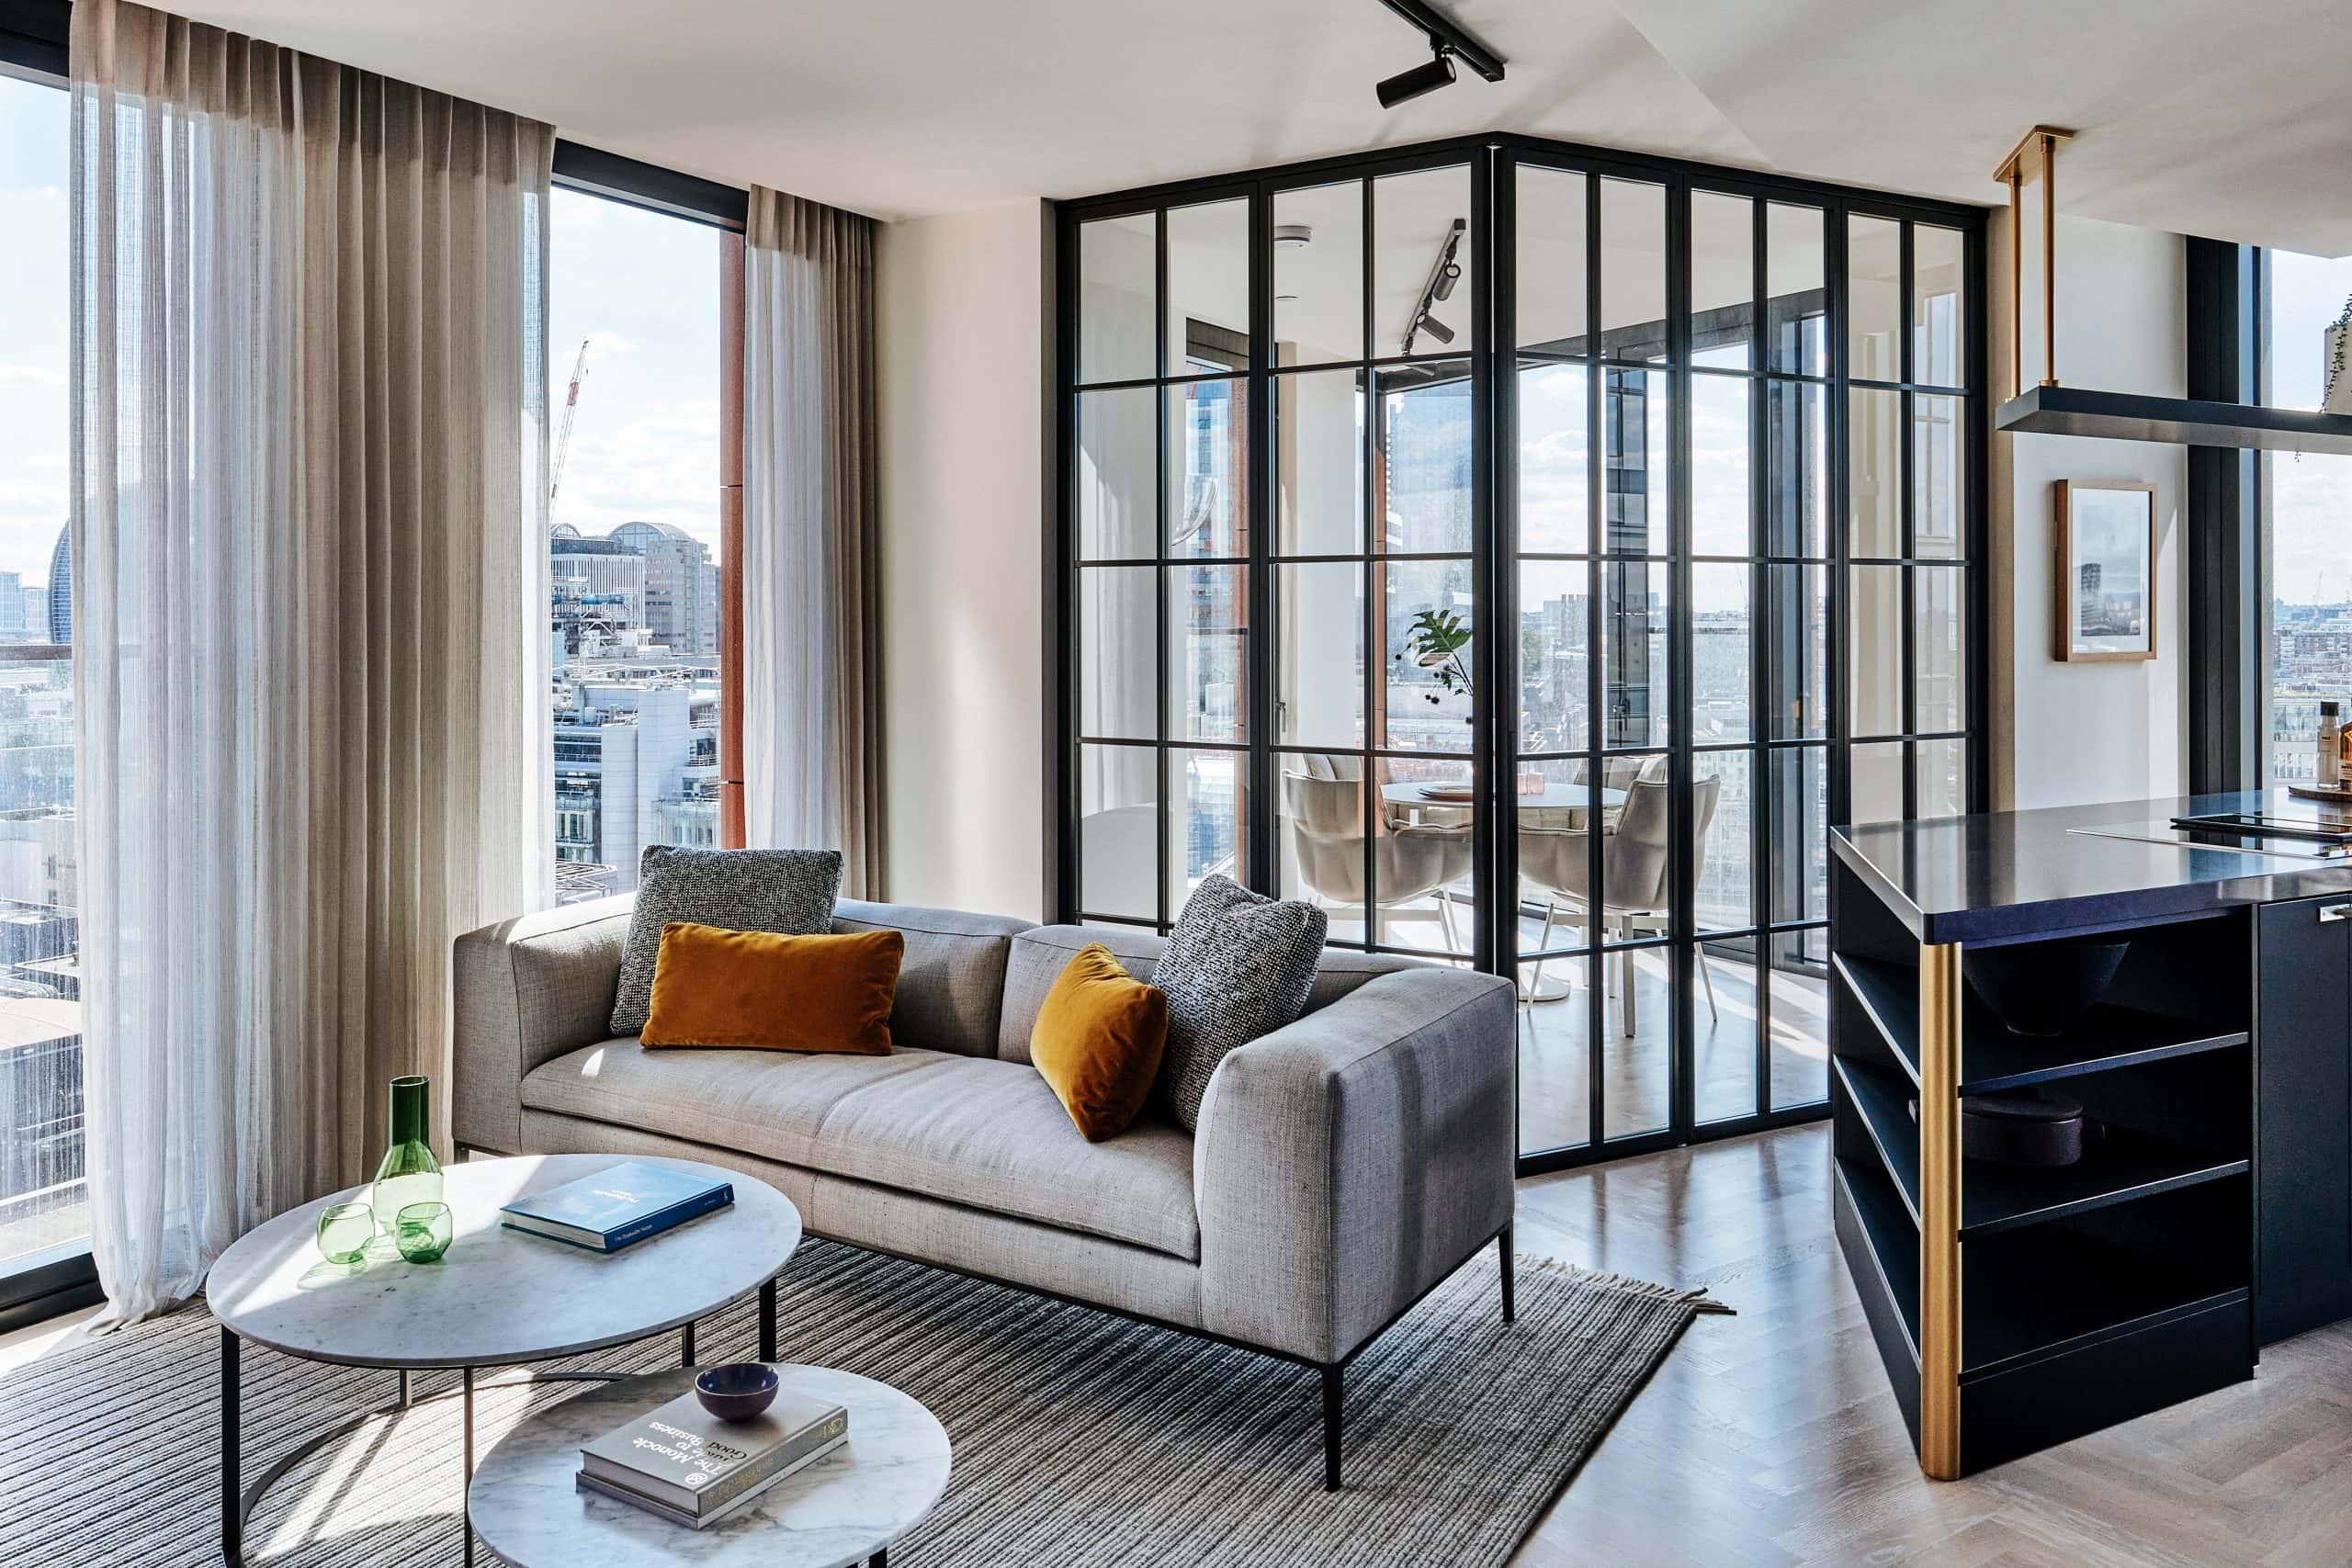 internal glazed bifold doors around a winter garden in a luxury residential development